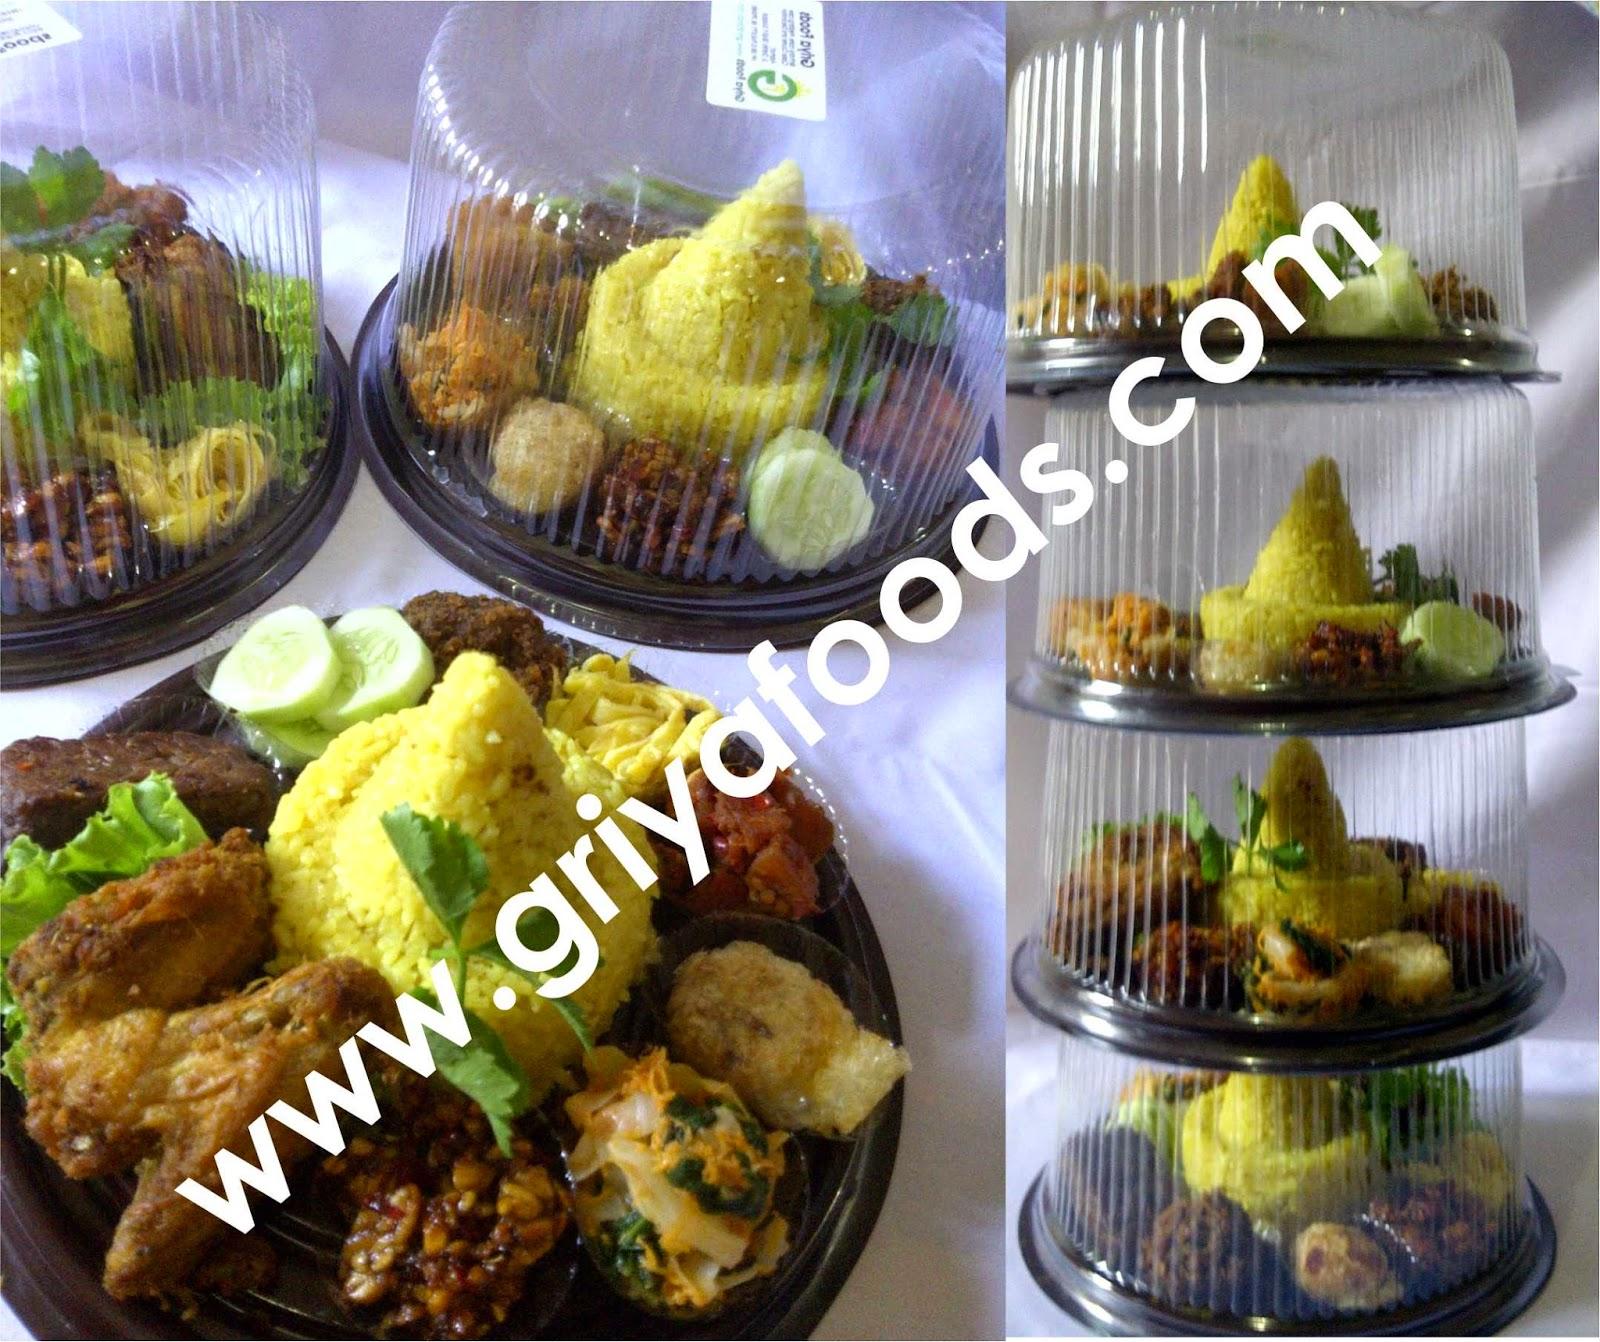 Mini Tumpeng, Tumpeng Pekanbaru, Pesan Tumpeng Pekanbaru, Jual Tumpeng Pekanbaru, Nasi Kuning Pekanbaru, Sedia nasi Tumpeng Pekanbaru